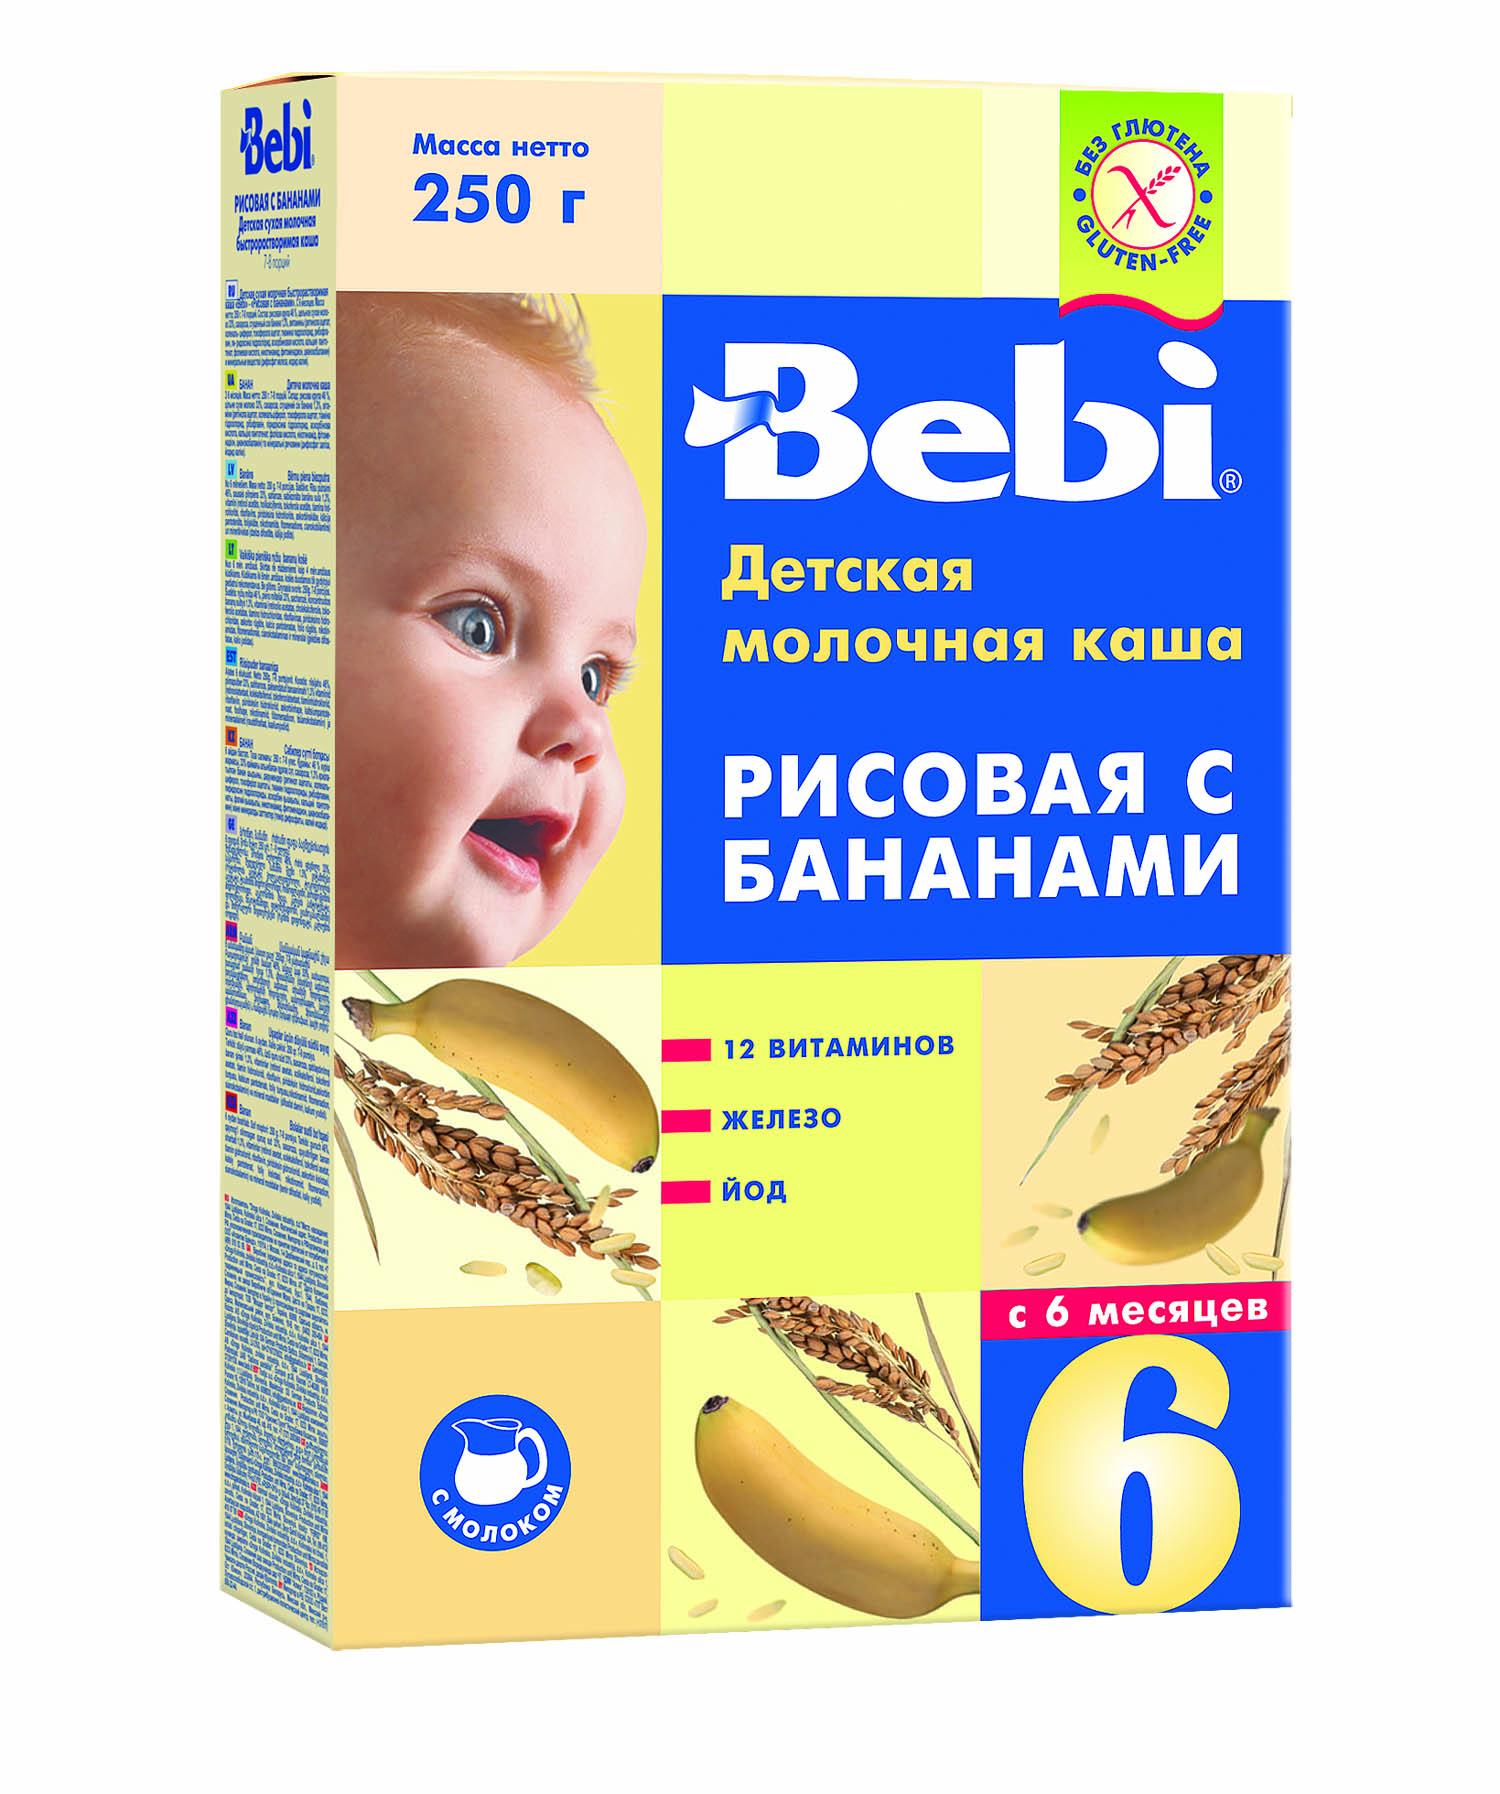 Купить Детская каша Bebi молочная рисовая с бананами, 250гр, Словения